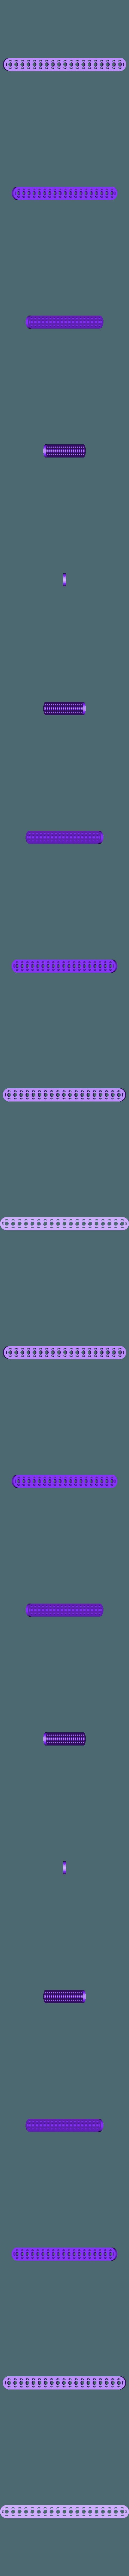 strait_19.STL Télécharger fichier STL gratuit MEGA Expansion 200+ Pièces • Plan à imprimer en 3D, Pwentey